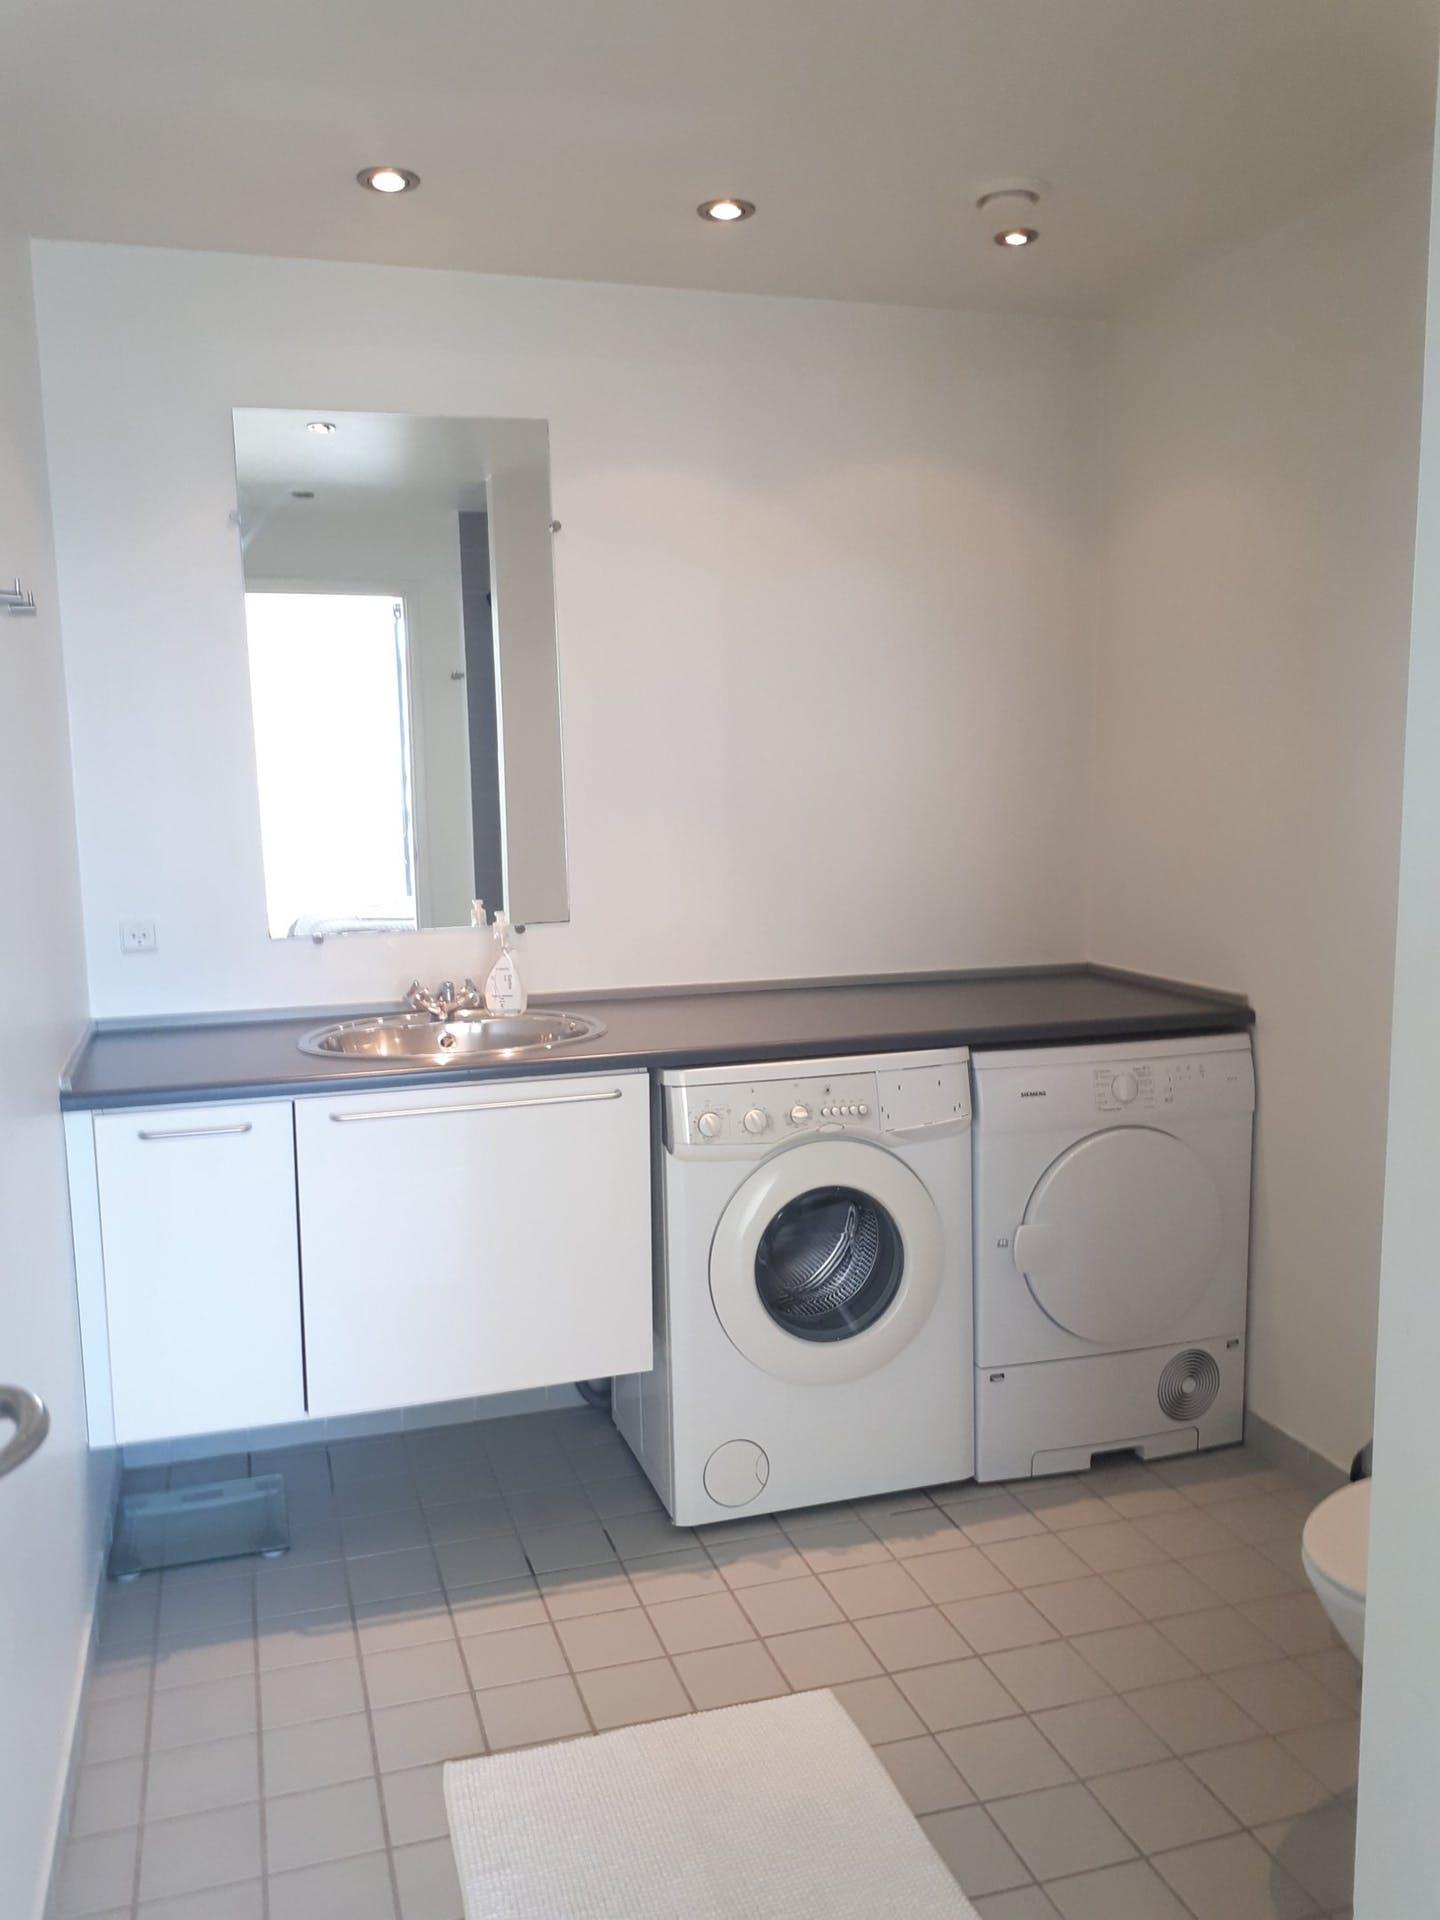 Laundry at Dampfærgevej Apartment, Centre, Copenhagen